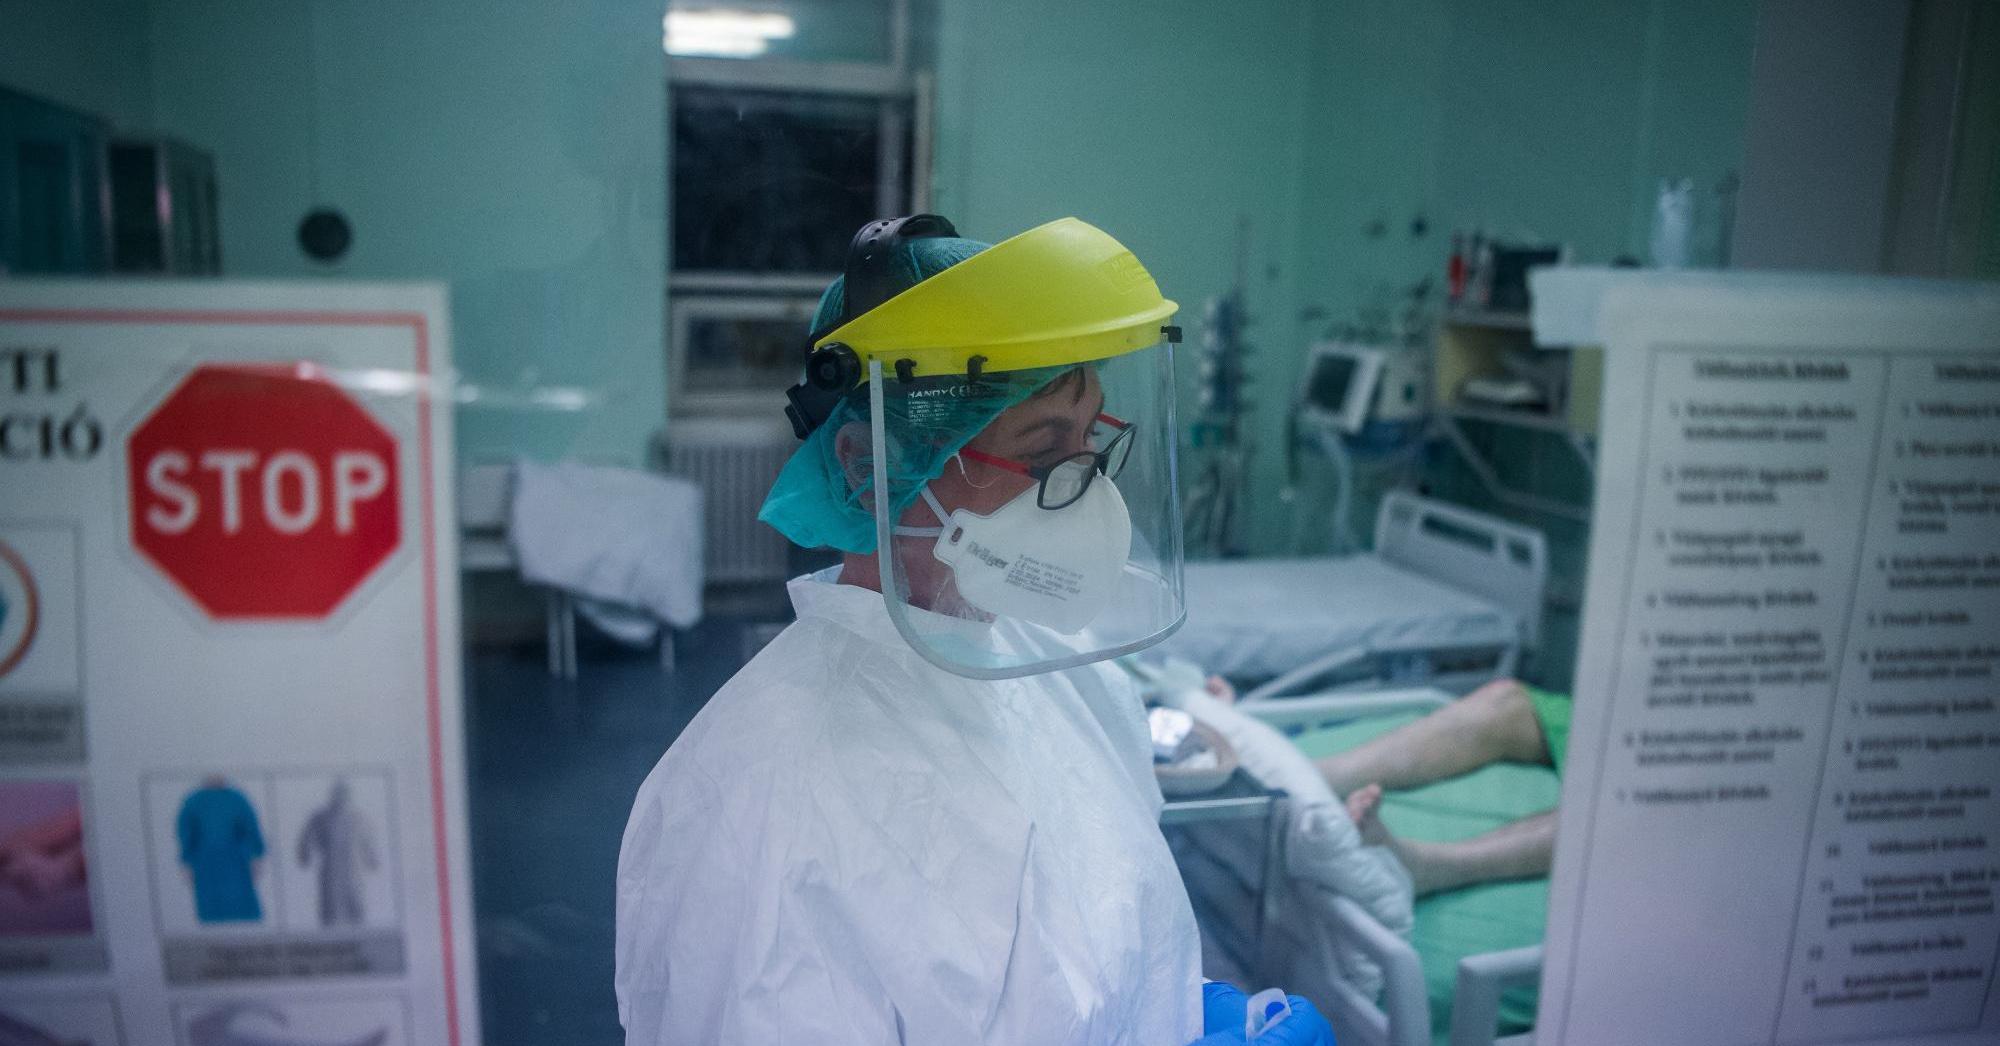 """Covid: """"a betegek hangulatán akartunk javítani, Kásler leállított"""""""